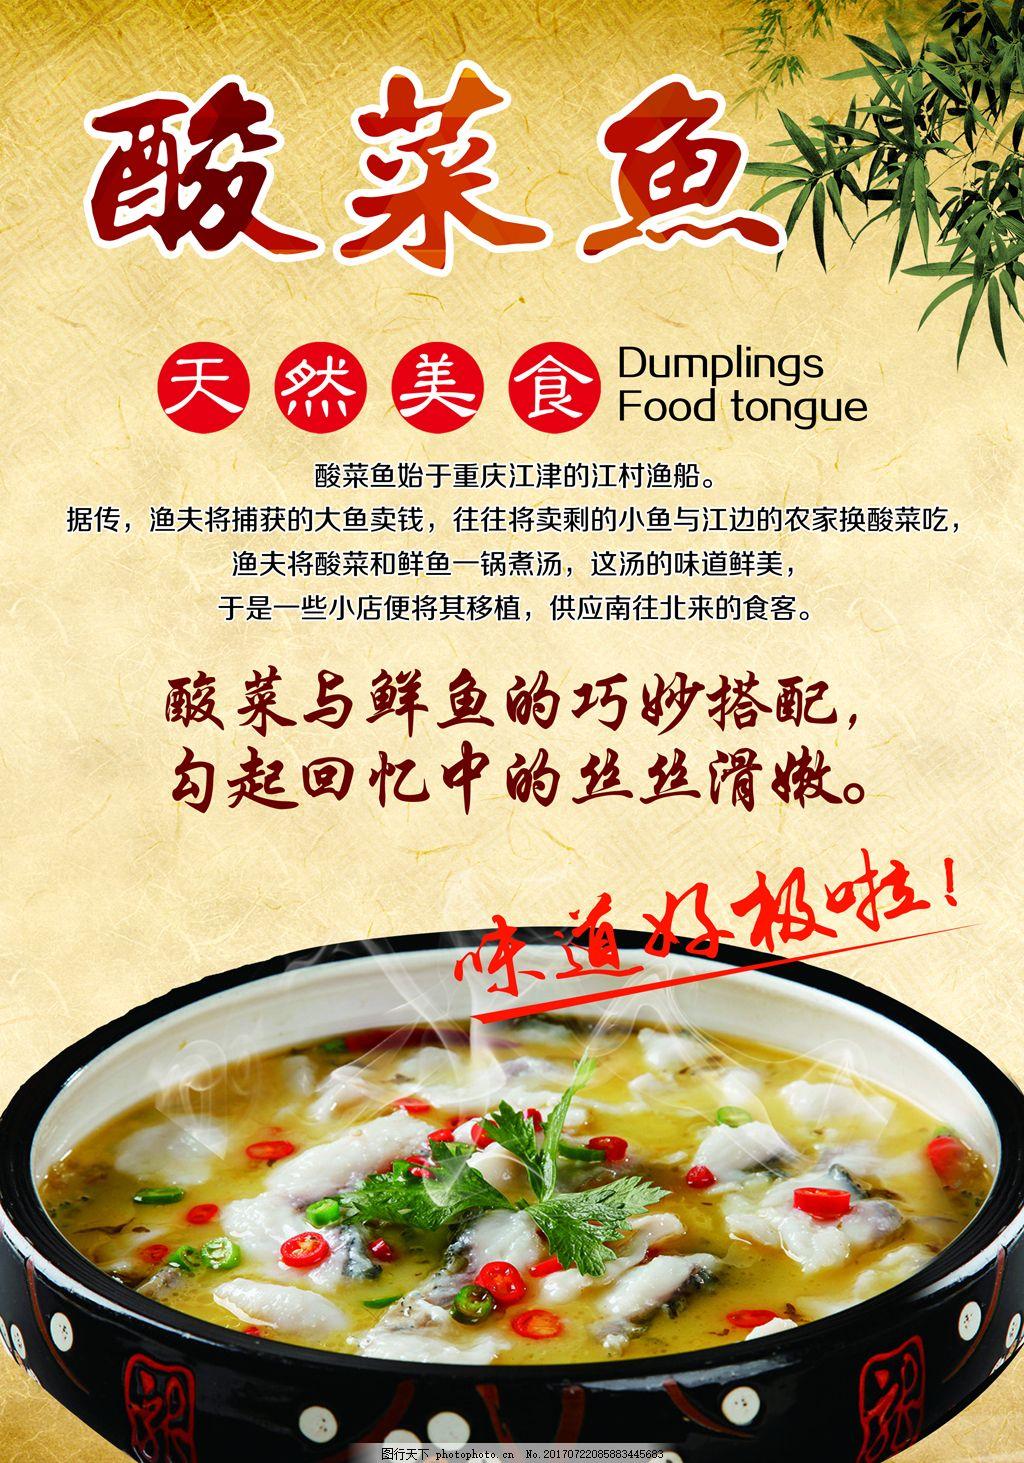 酸菜鱼美食海报 天然 中华 竹子 美食味道 川菜 中国菜 展板